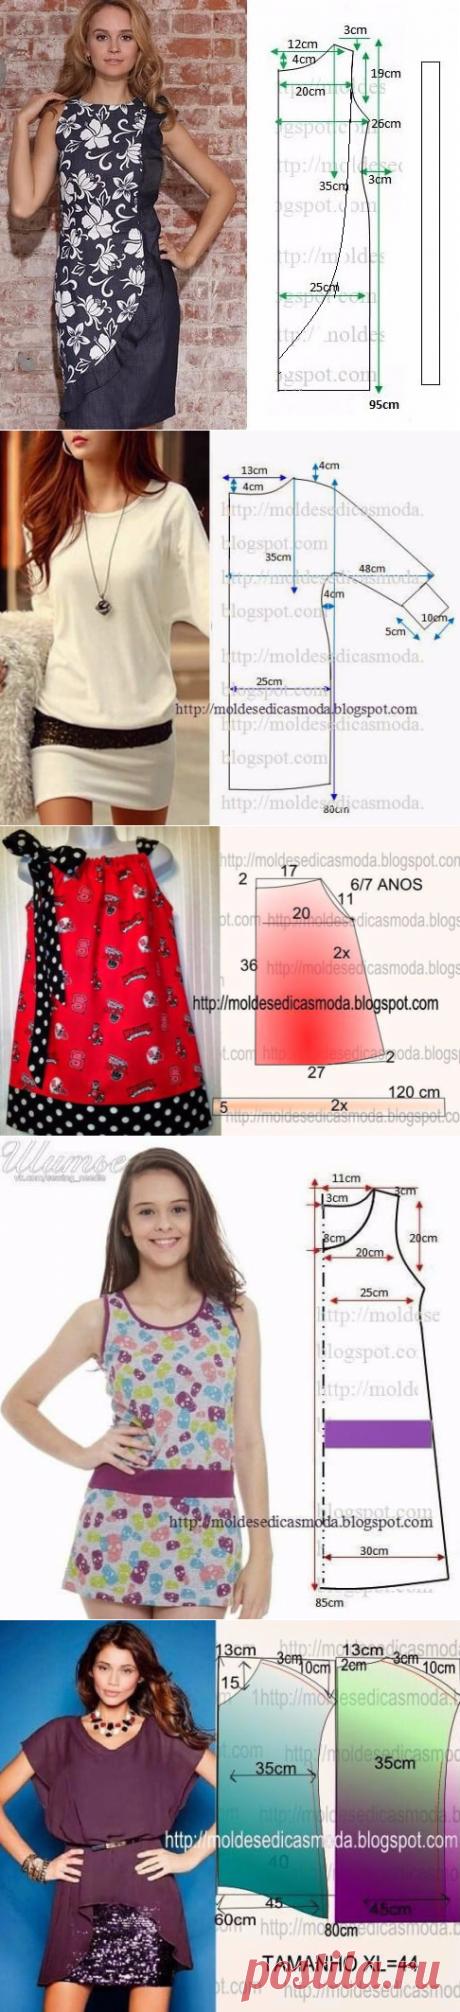 Летние платья и сарафаны с простыми выкройками… 50 платьев — 50 выкроек! | Тысяча и одна идея